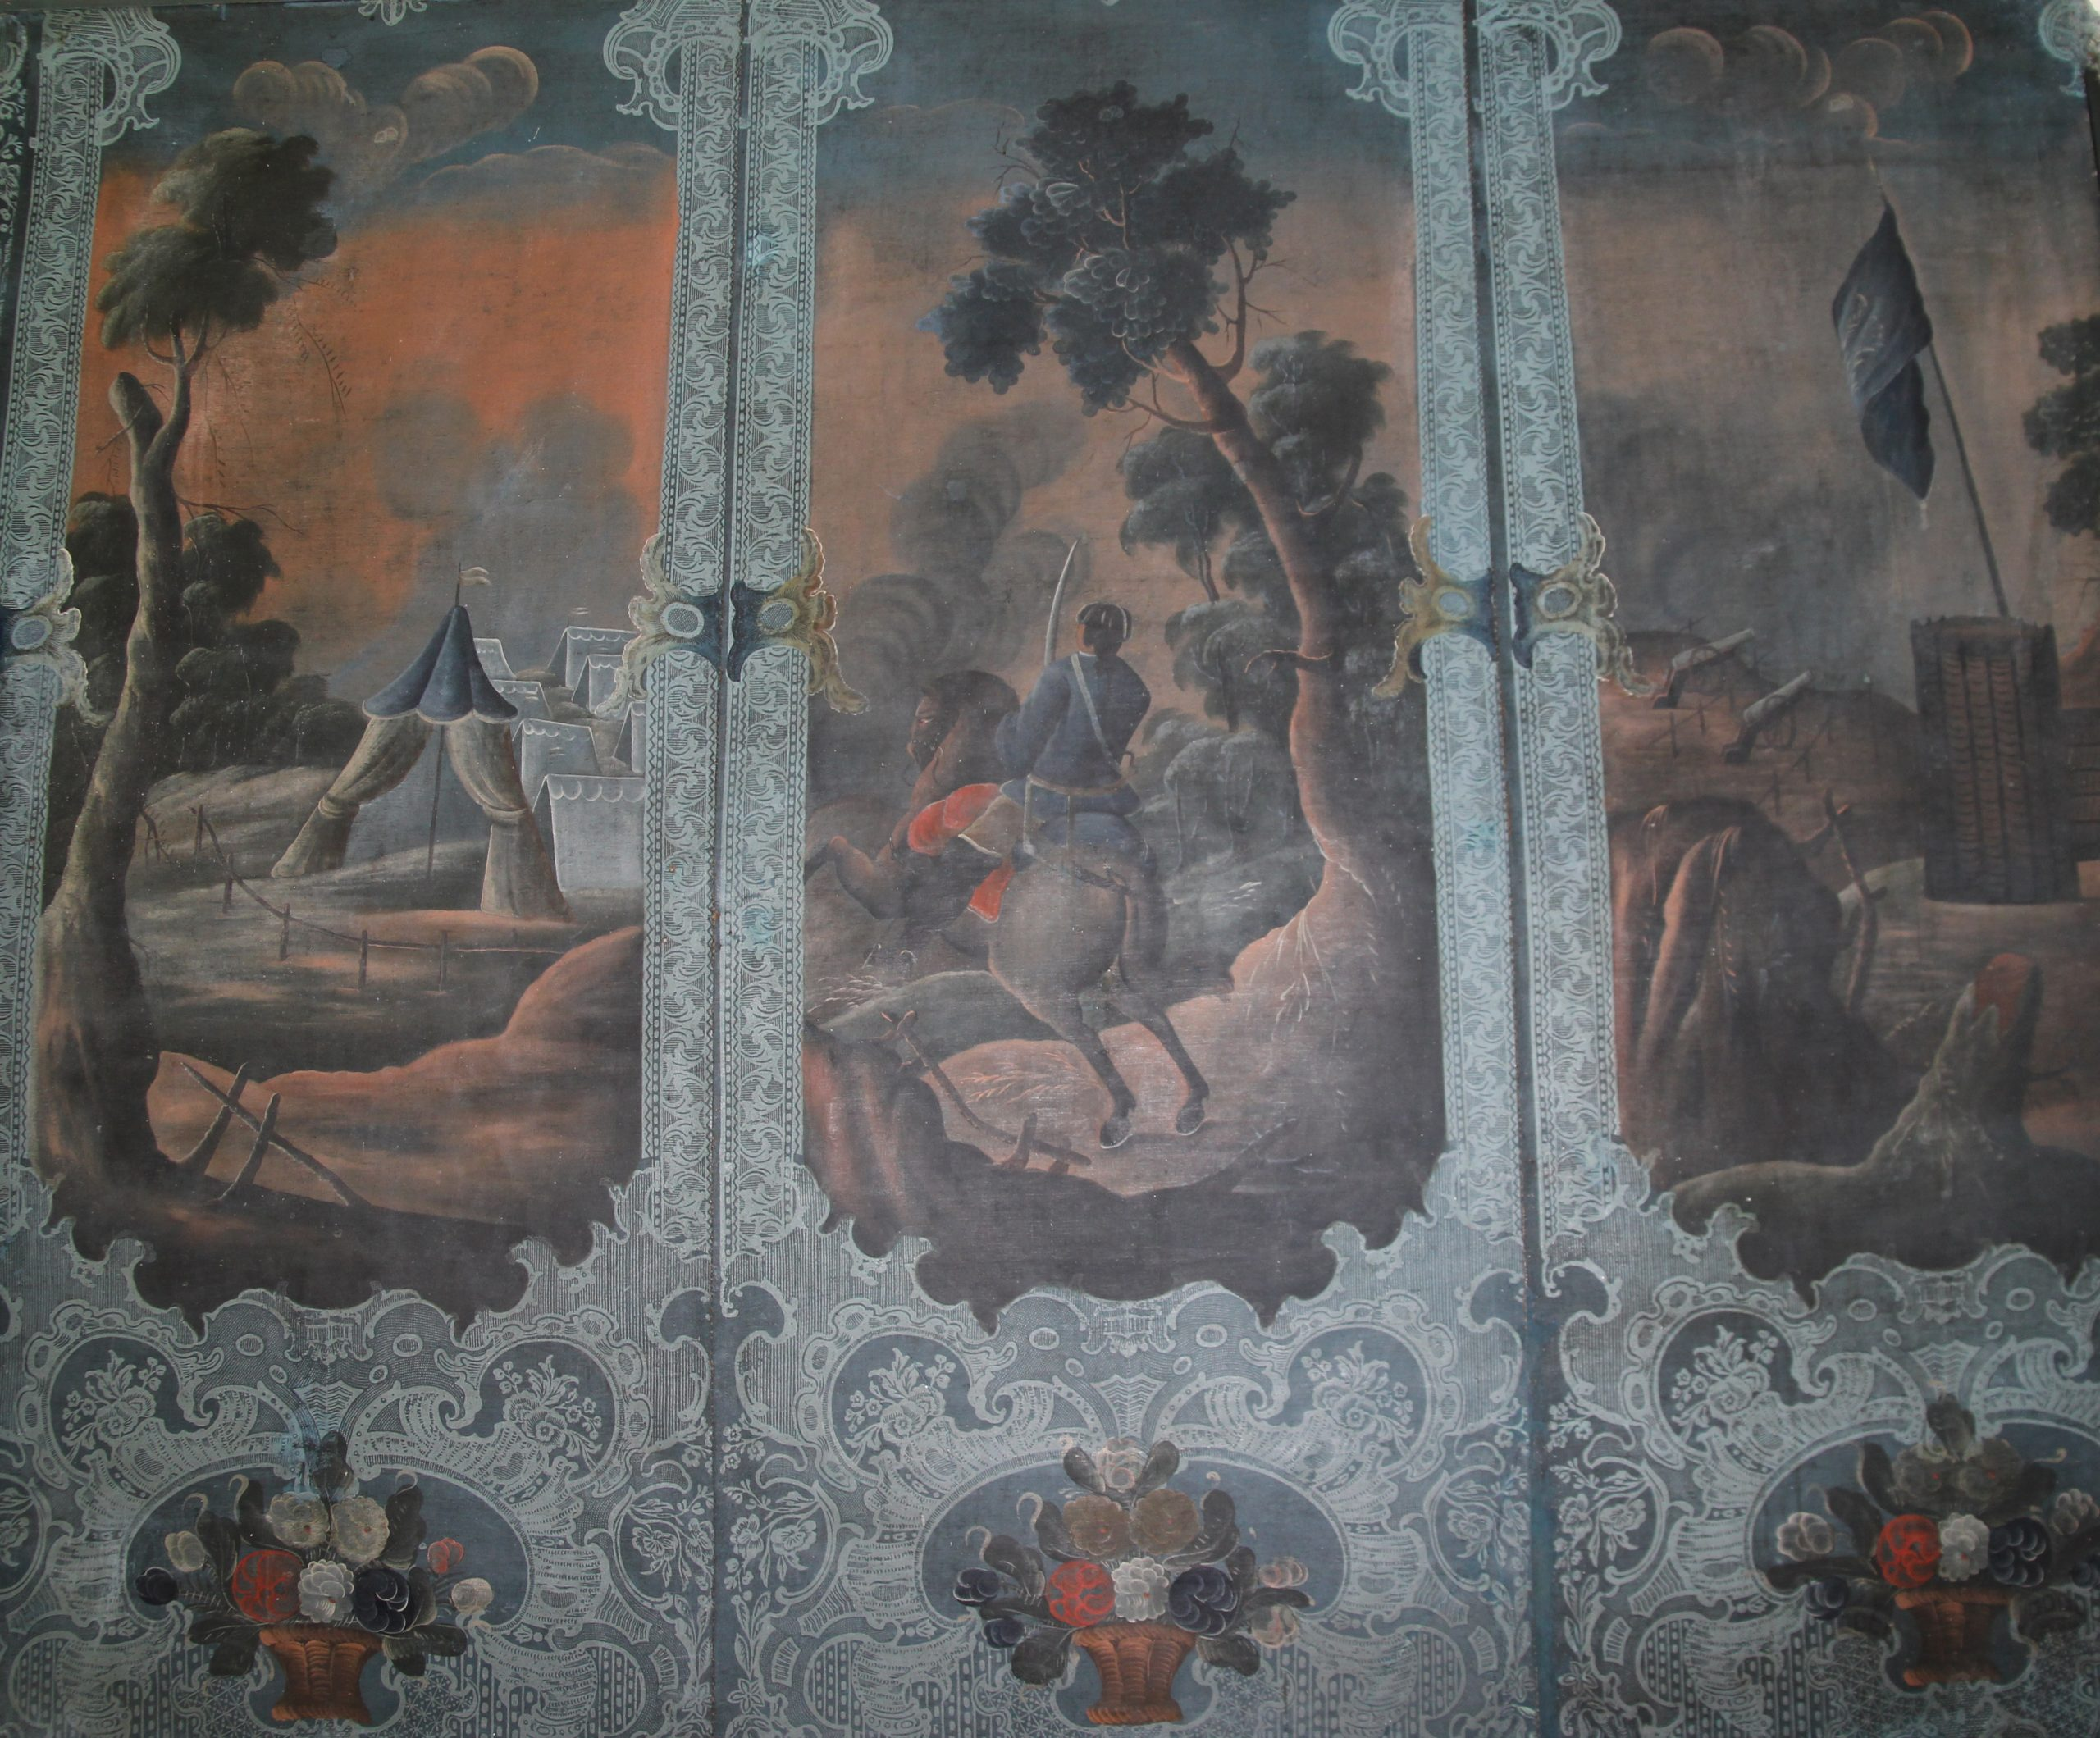 Bilde av veggene i salen som har store panoramatapeter med slagscener, blomster- og fuglemotiv. Foto: Turid Årsheim, Riksantikvaren